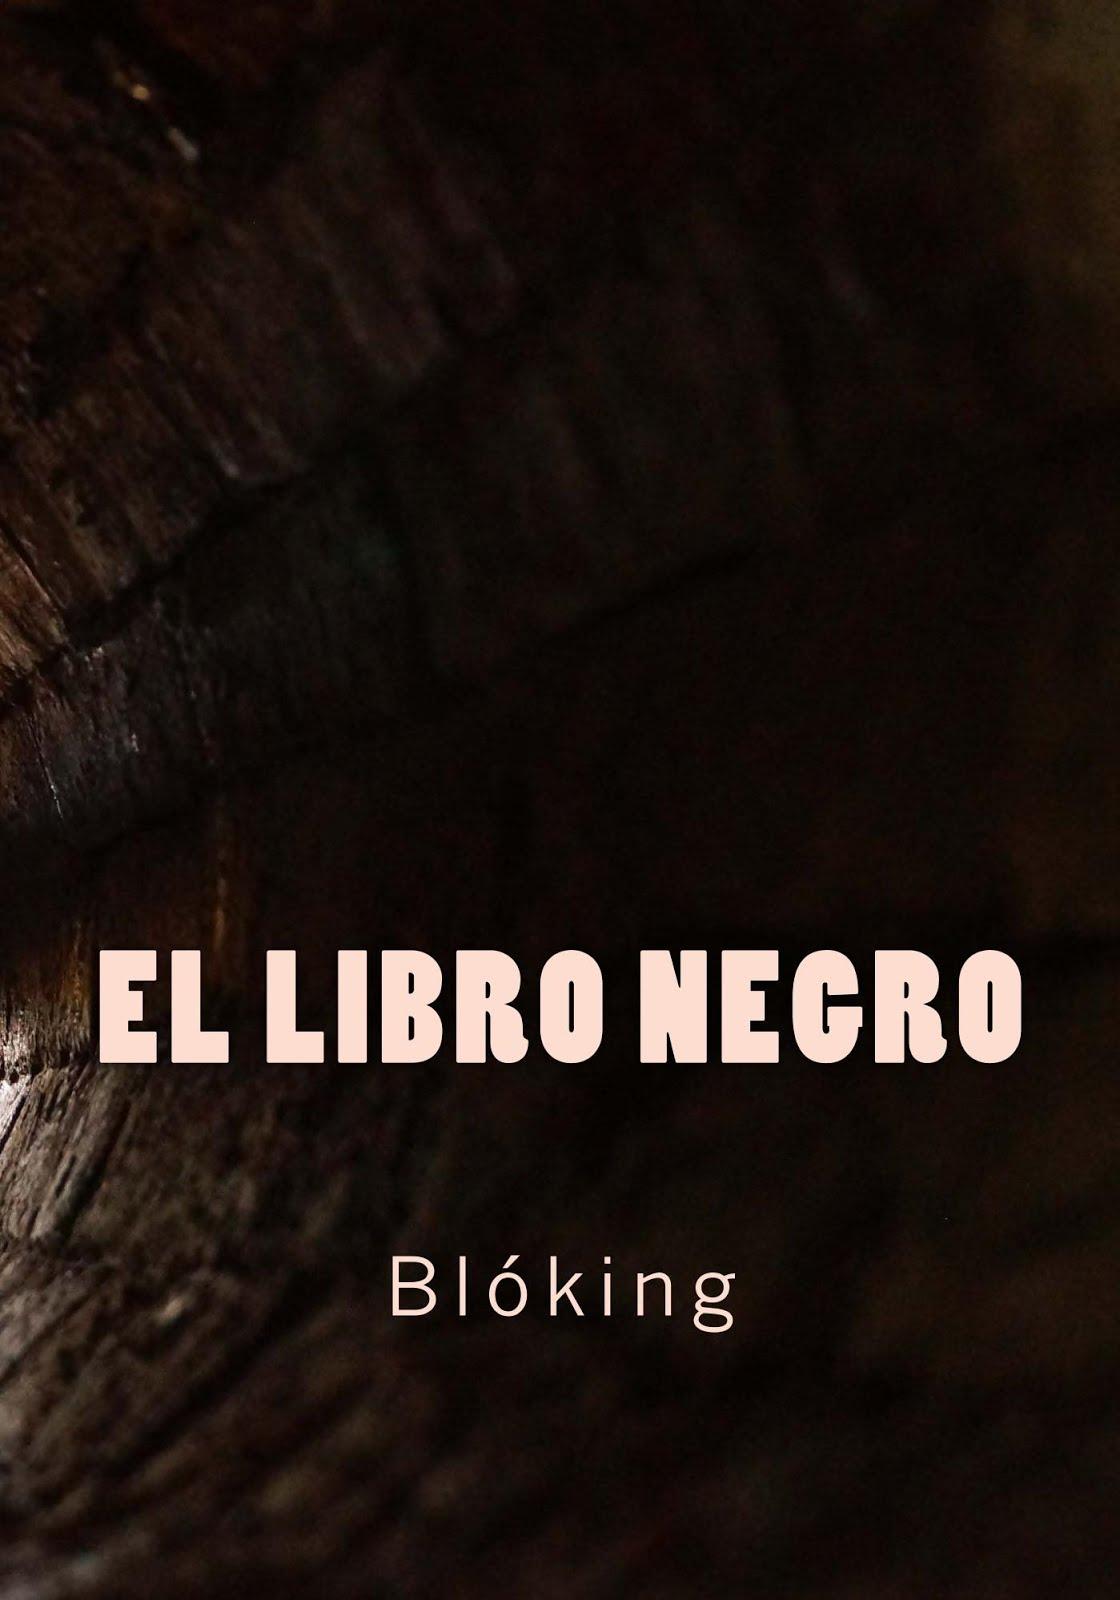 #Obra 51 - El libro negro